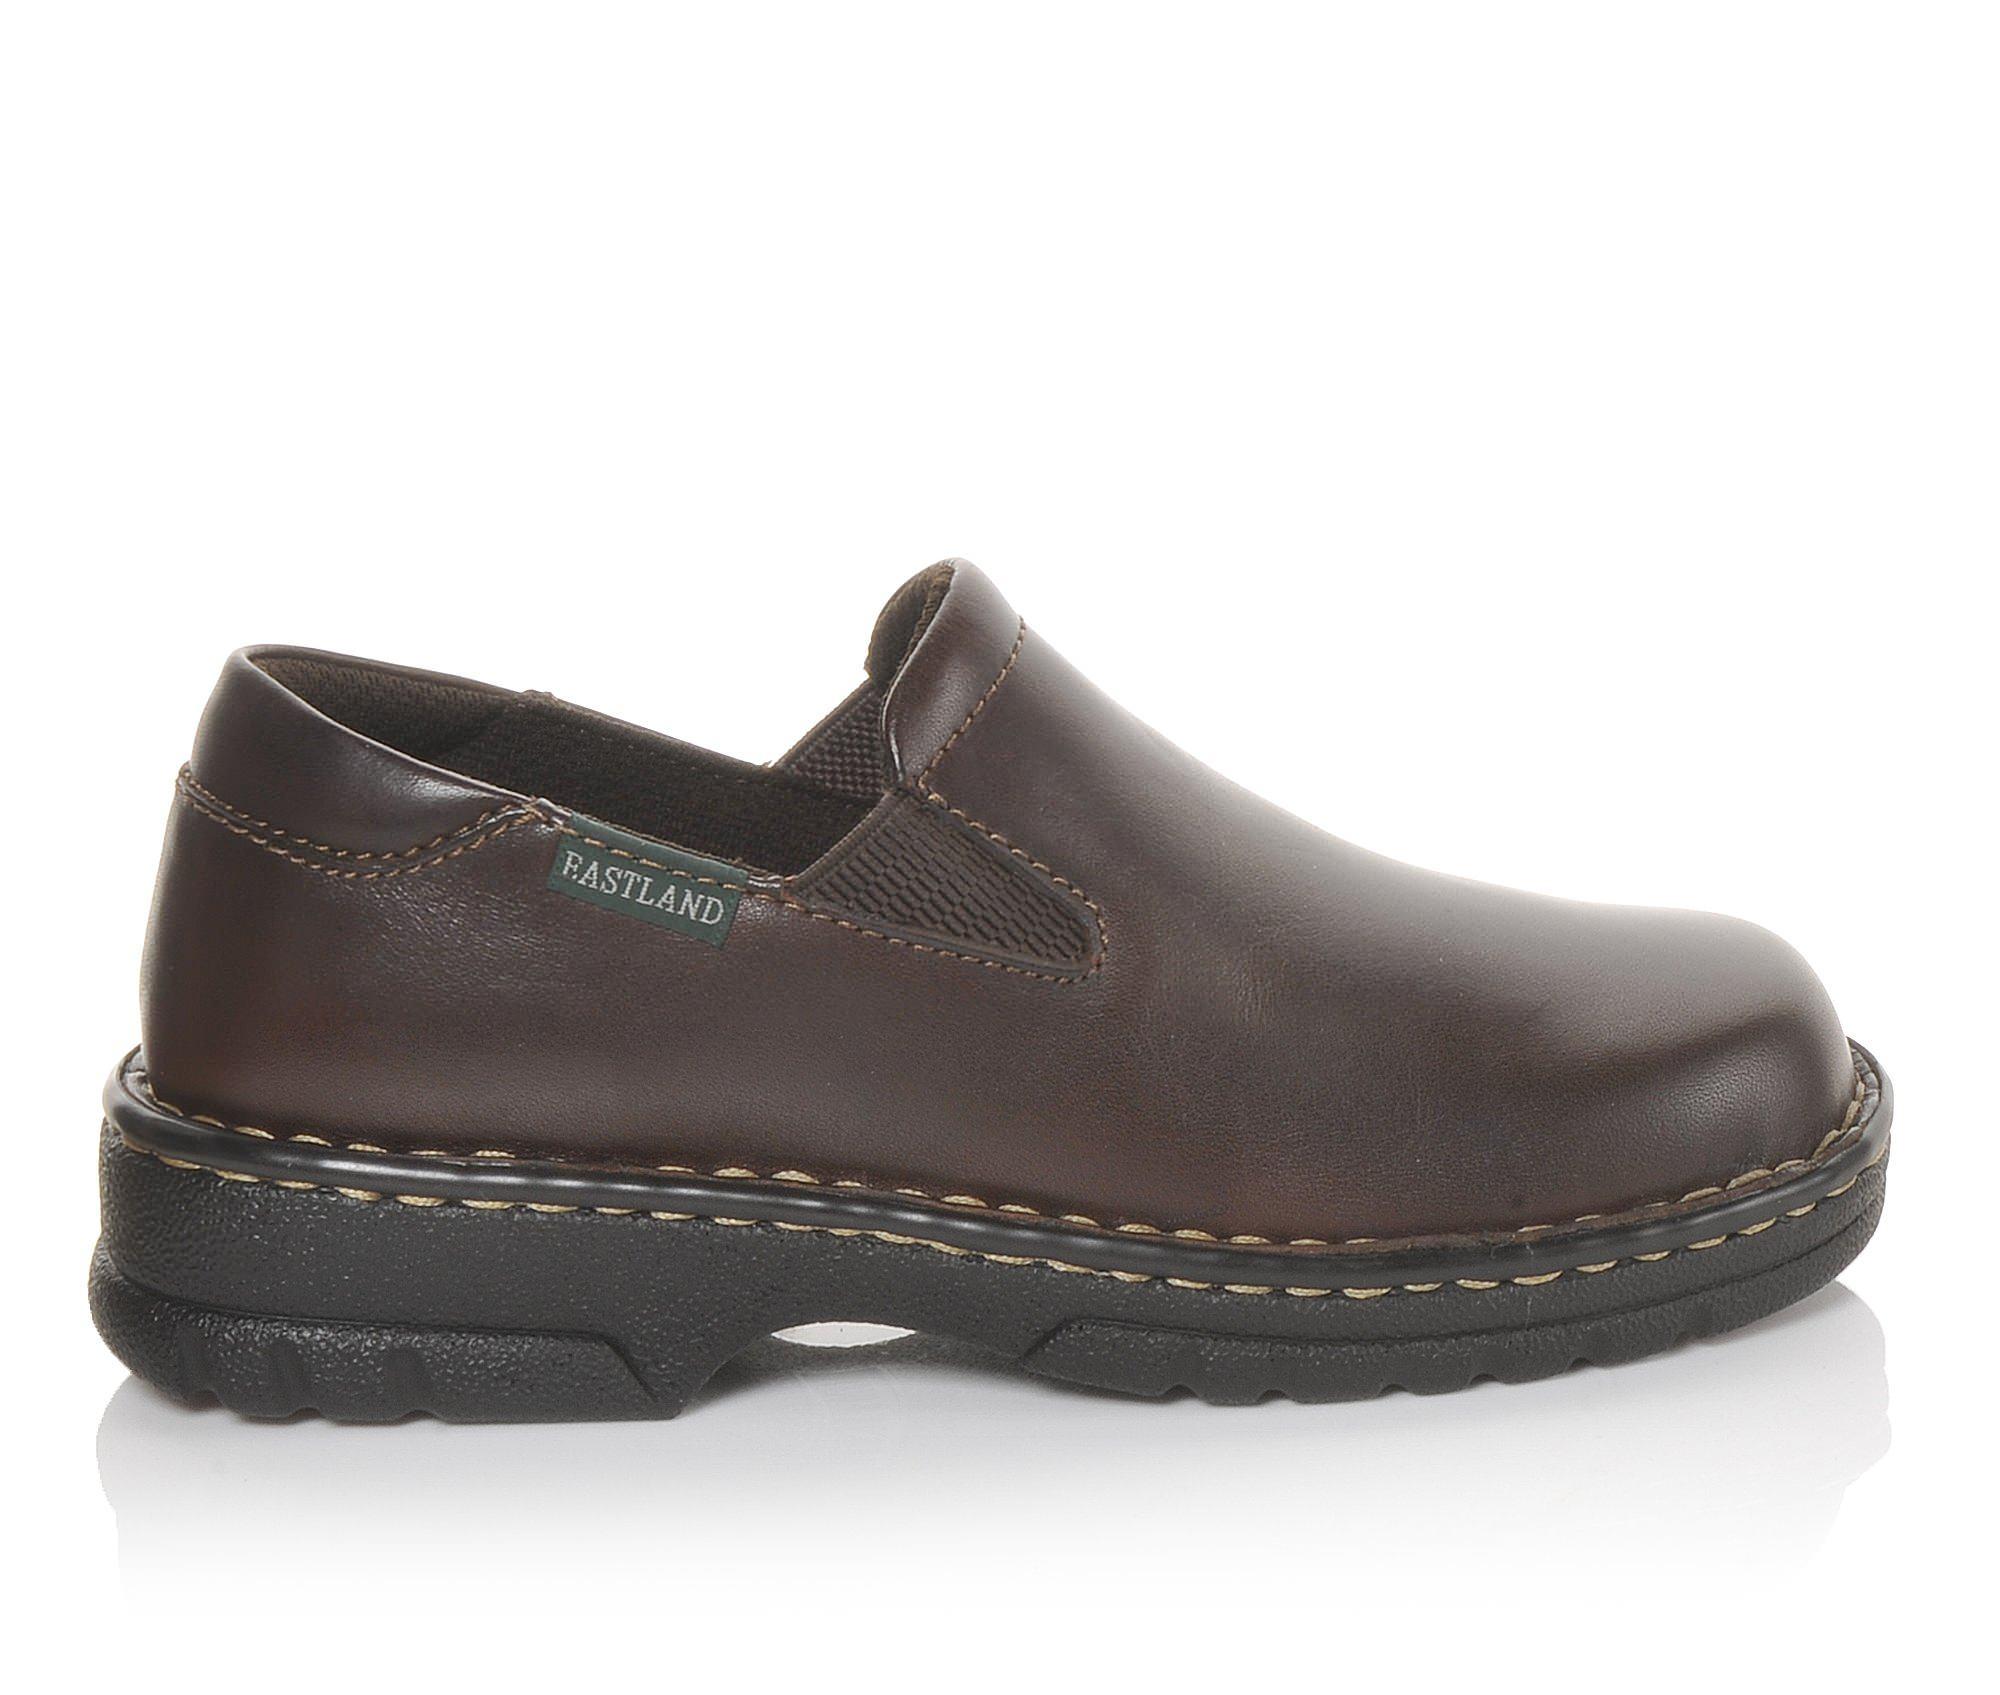 Eastland Newport Women's Shoe (Brown Leather)